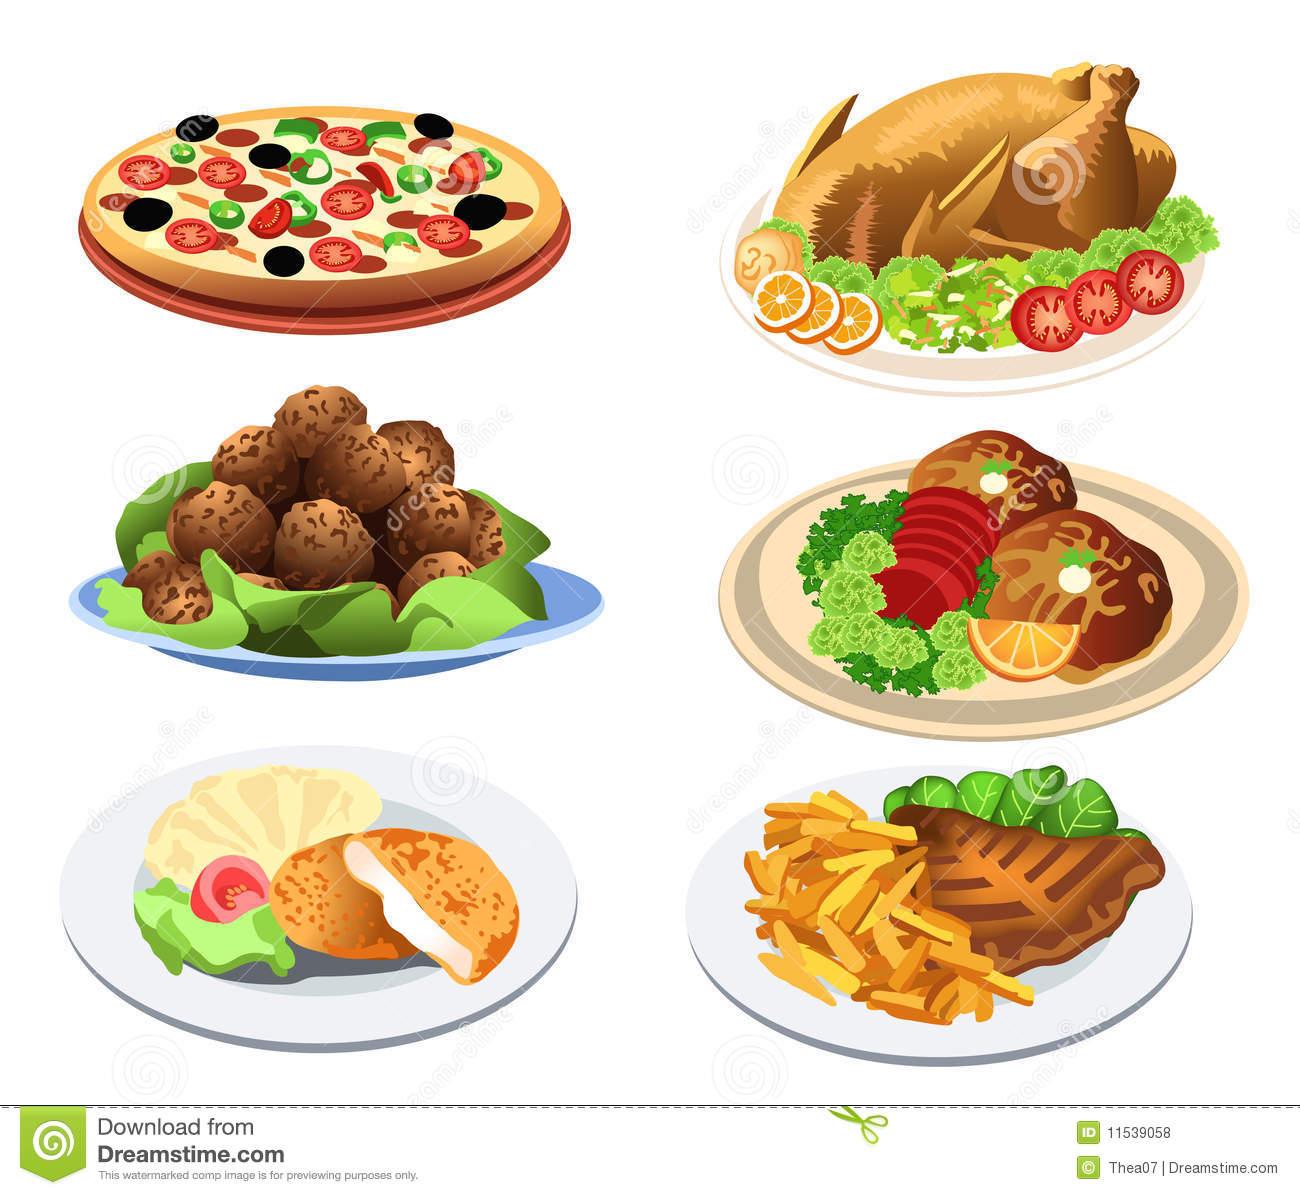 Main course clip art transparent Food dish clipart - ClipartFest transparent